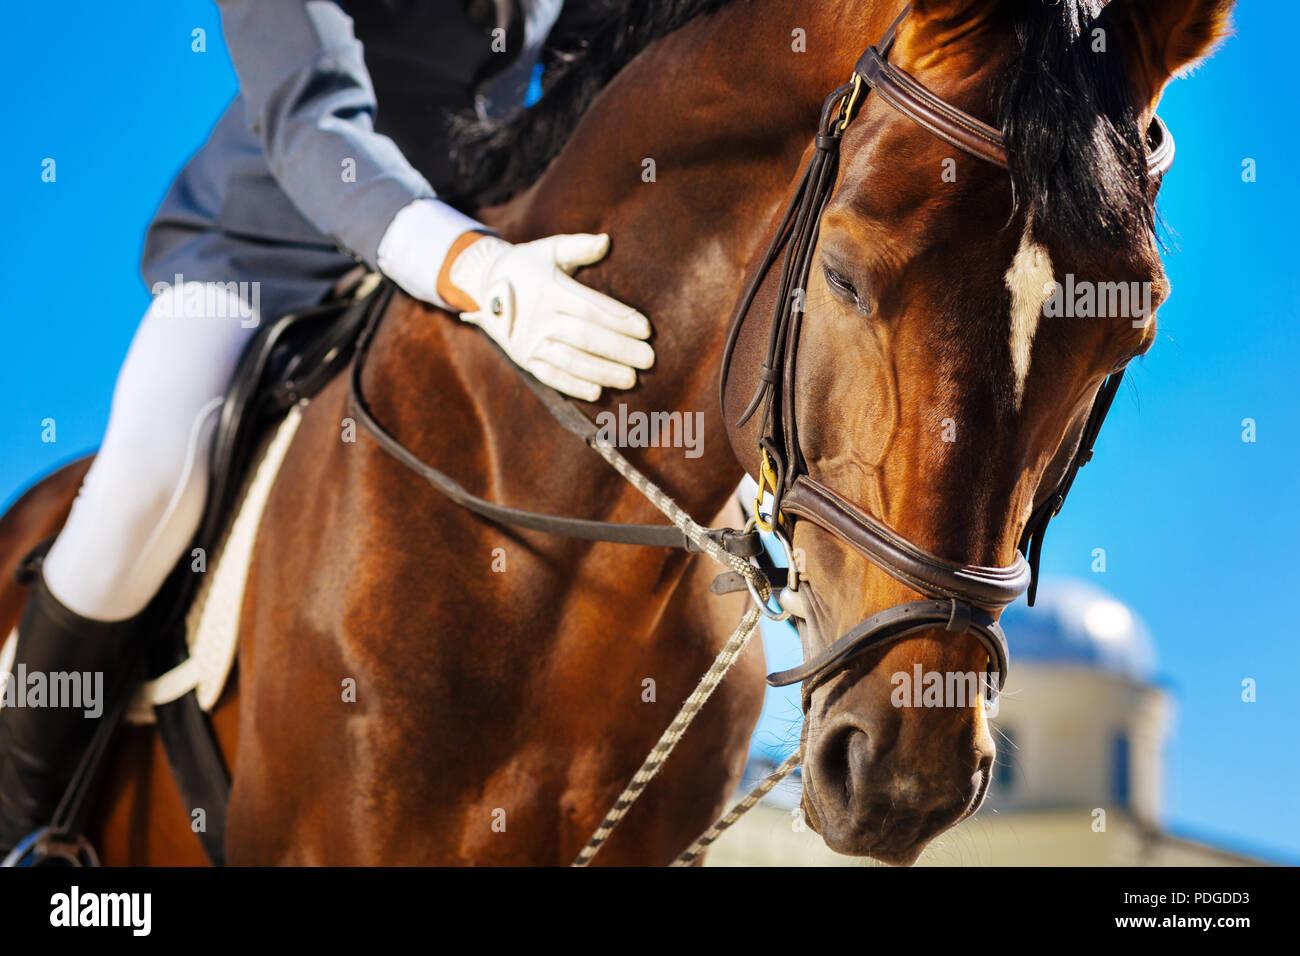 Cuidando su calmante ecuestre caballo preferido antes de las carreras hípicas Imagen De Stock